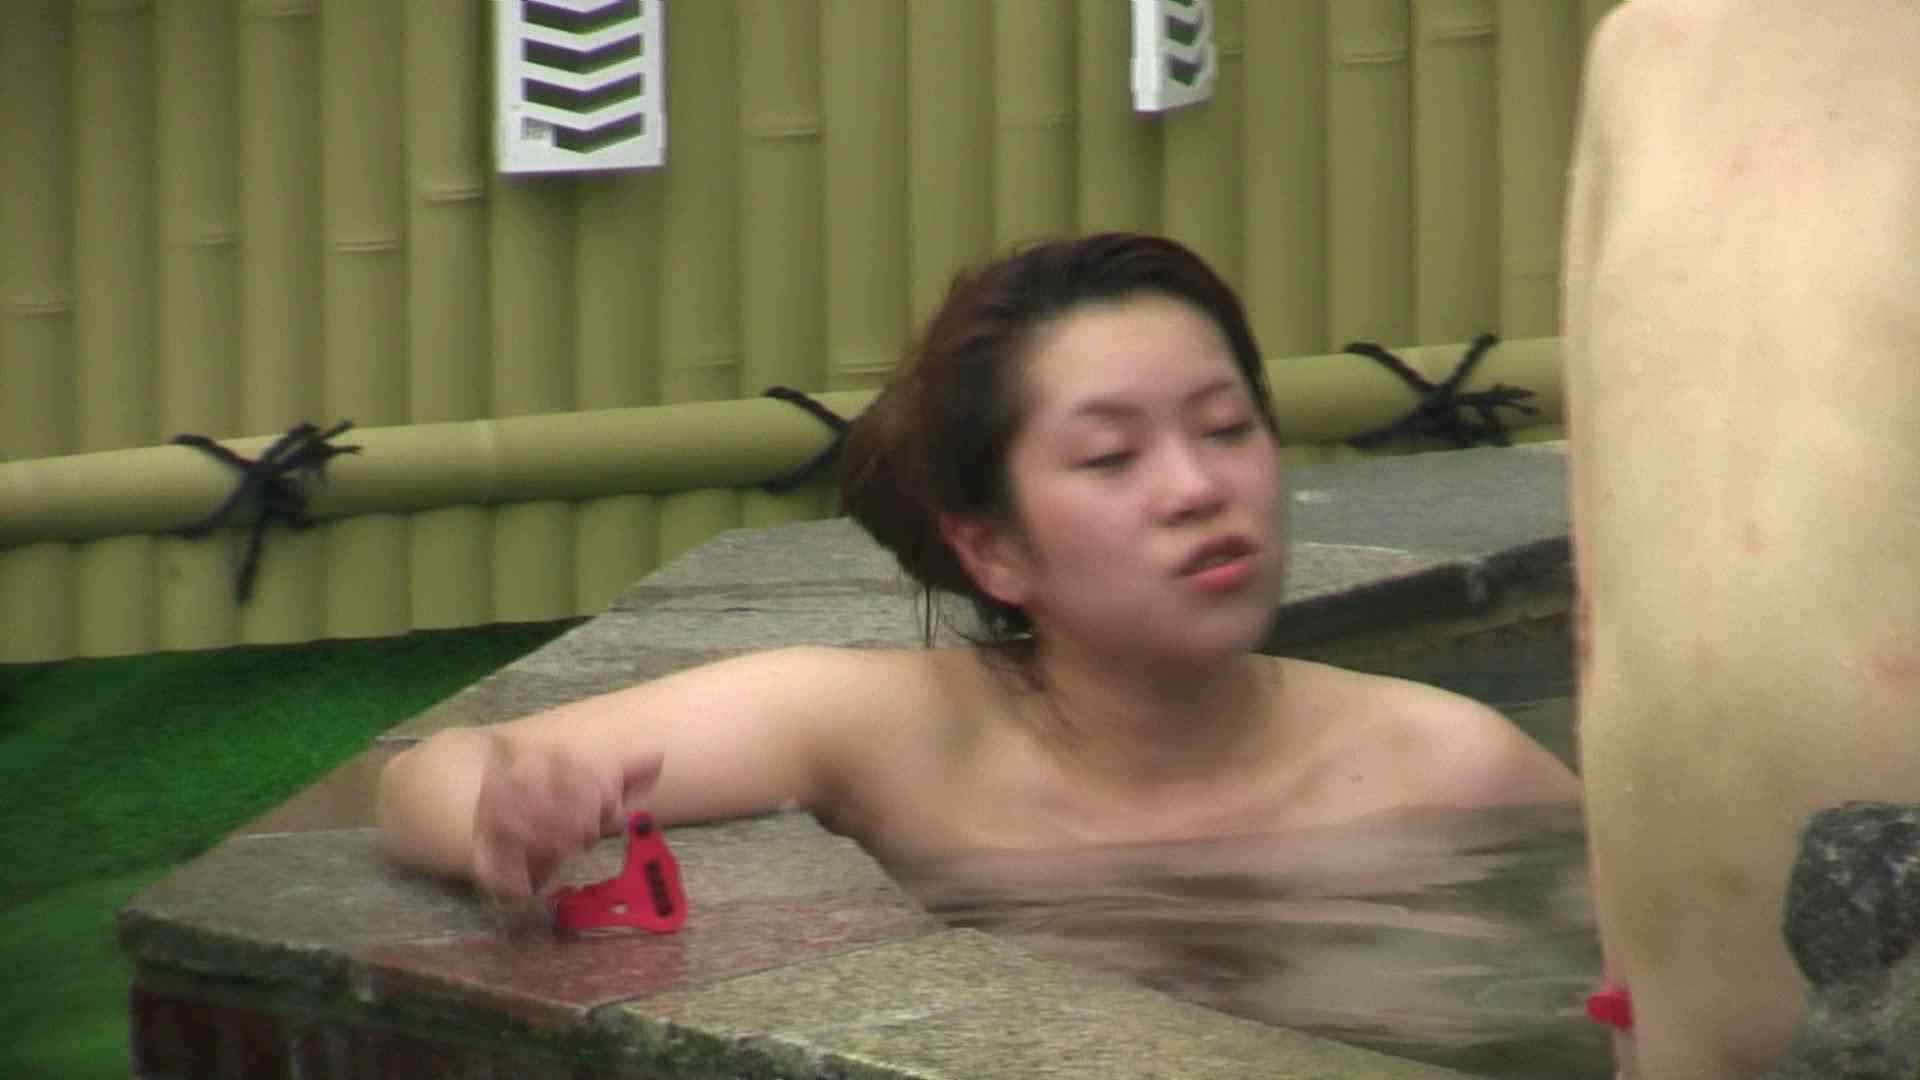 Aquaな露天風呂Vol.680 OLのエロ生活   盗撮  98連発 7